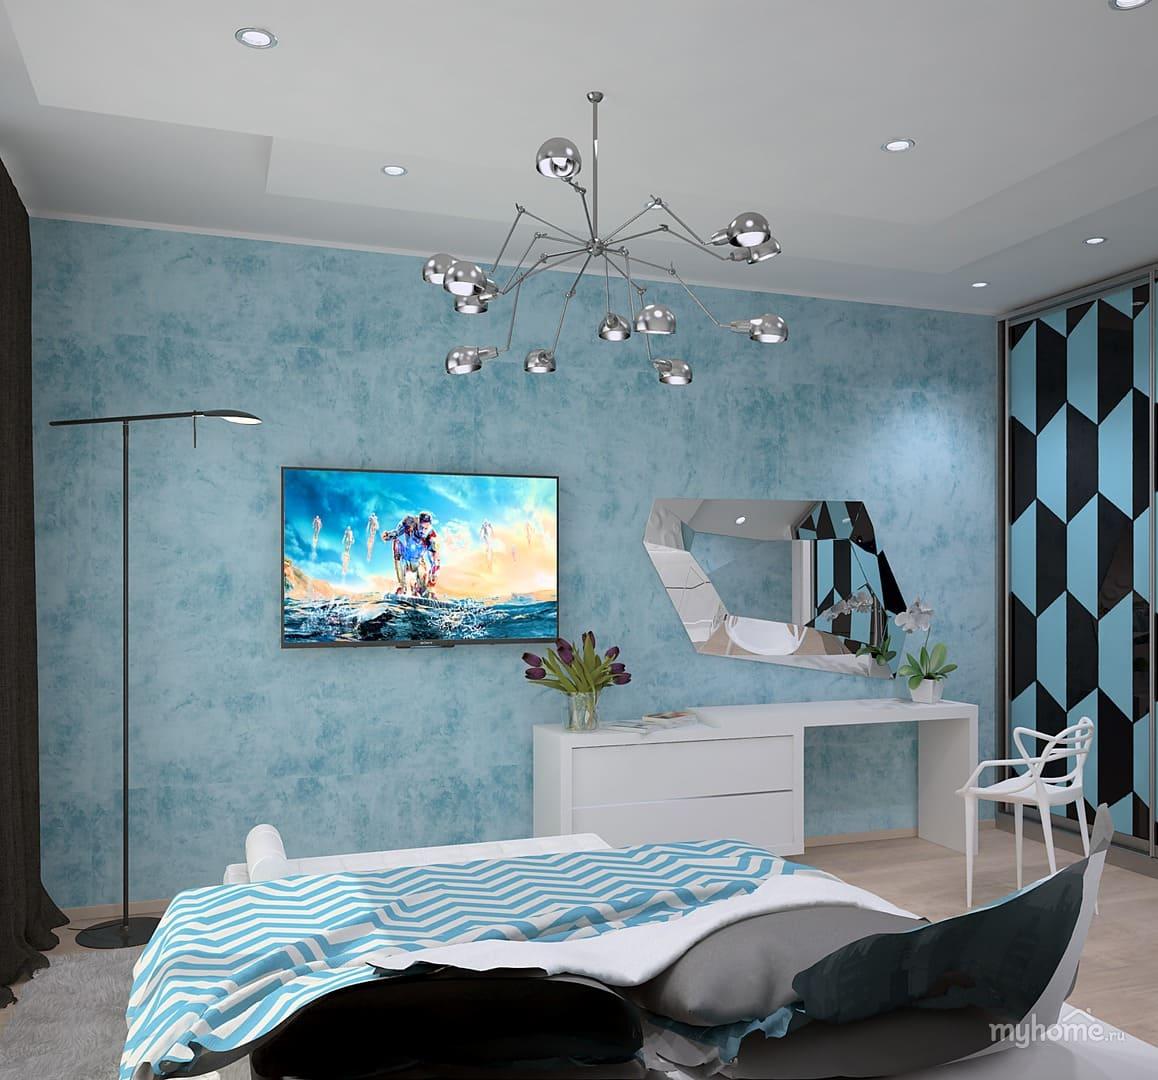 Декоративная штукатурка - лучшие красивые варианты отделки стен в интерьере 128